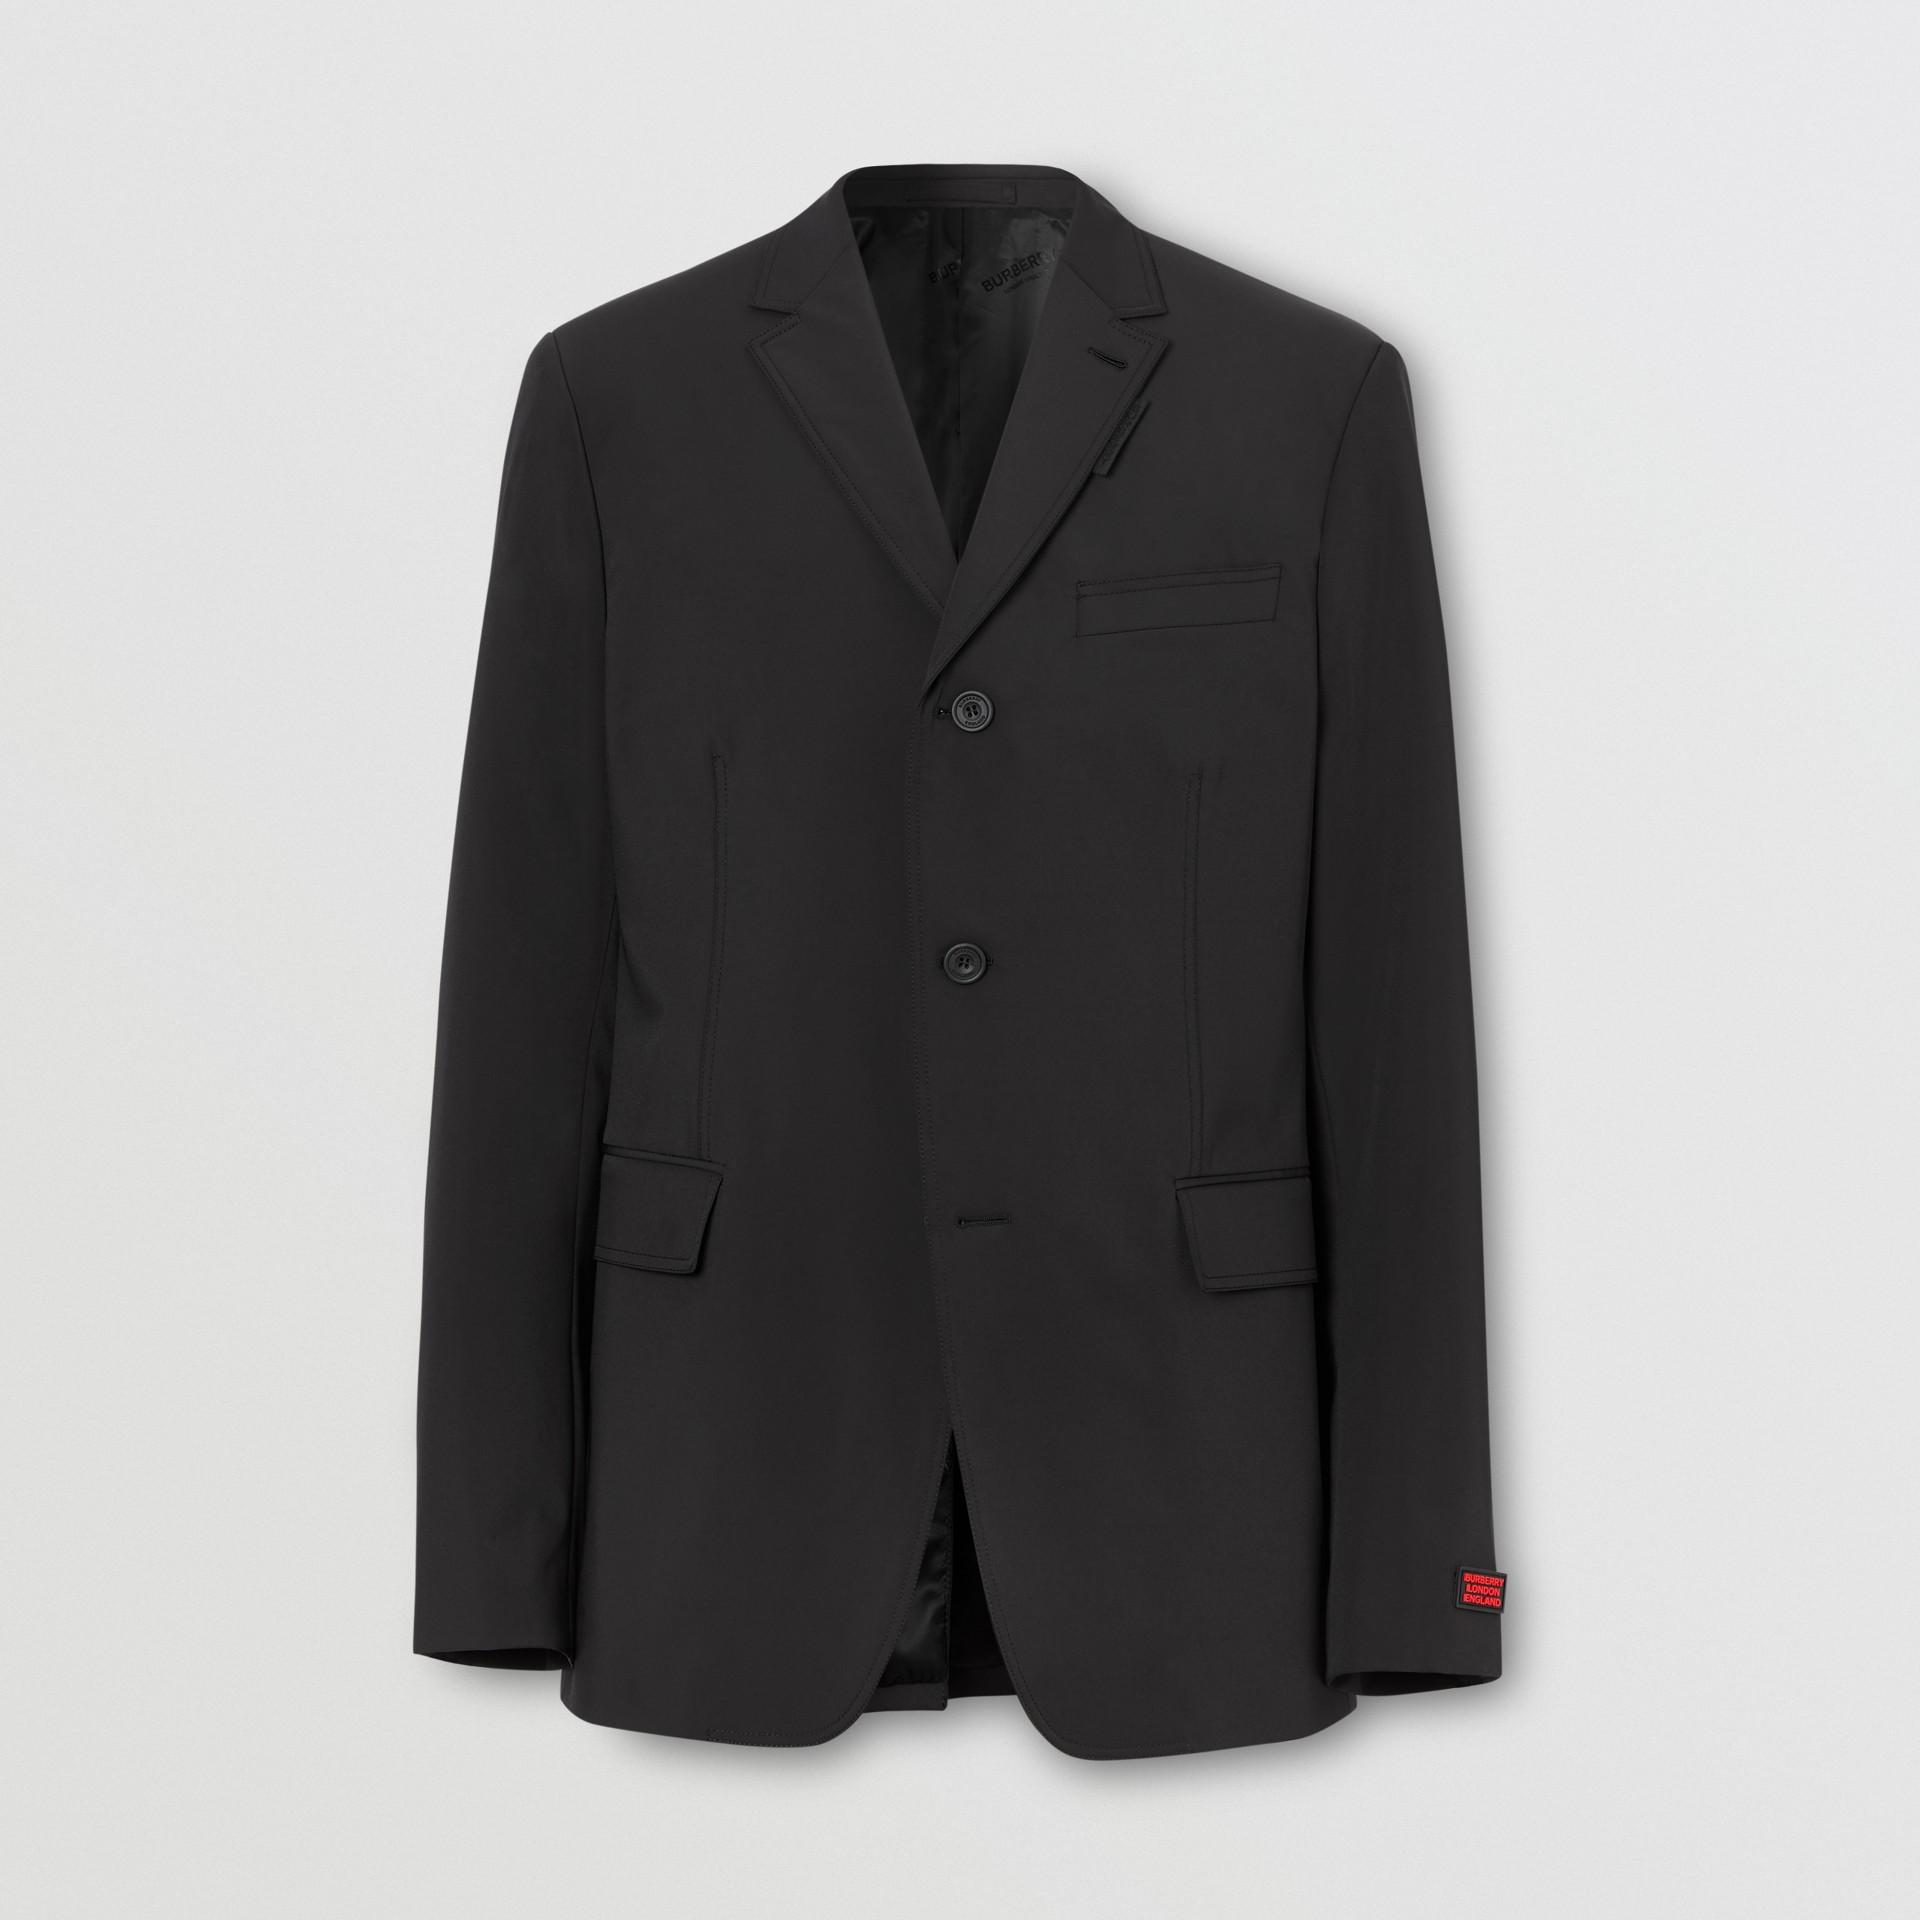 Veste de costume slim en nylon technique (Noir) - Homme | Burberry - photo de la galerie 3